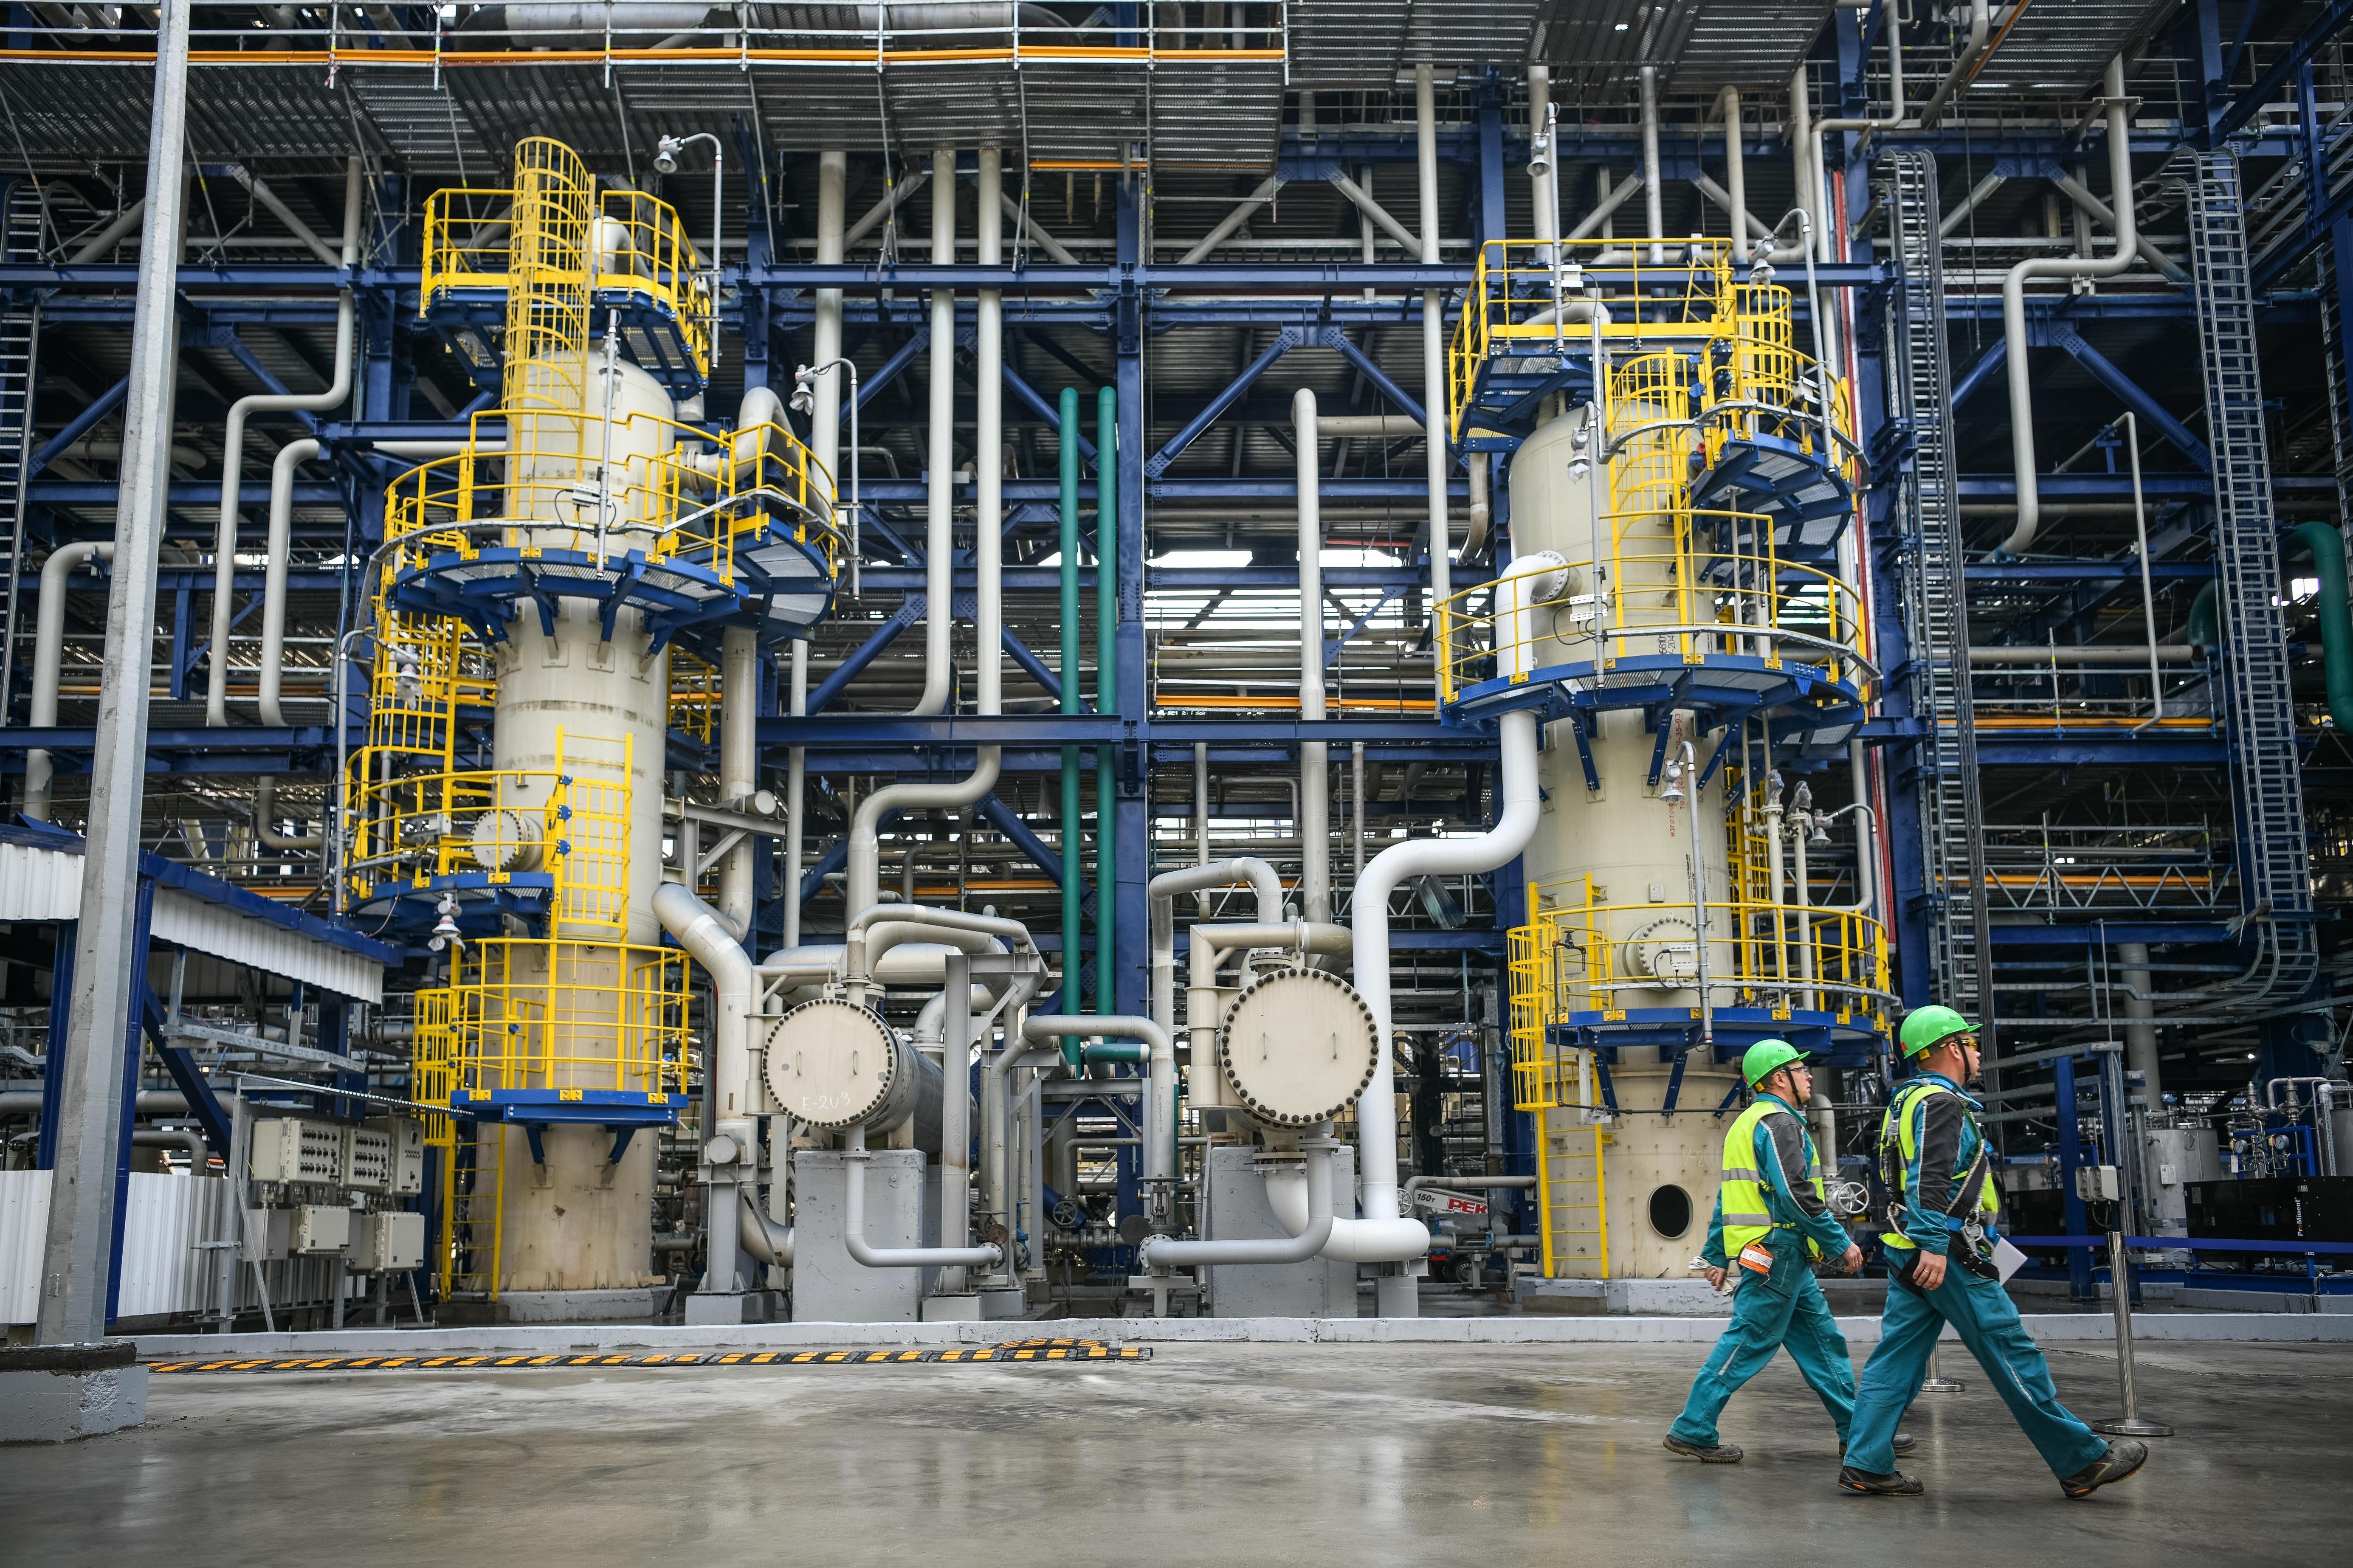 Национализация, регулирование, цены: политические риски в энергетике